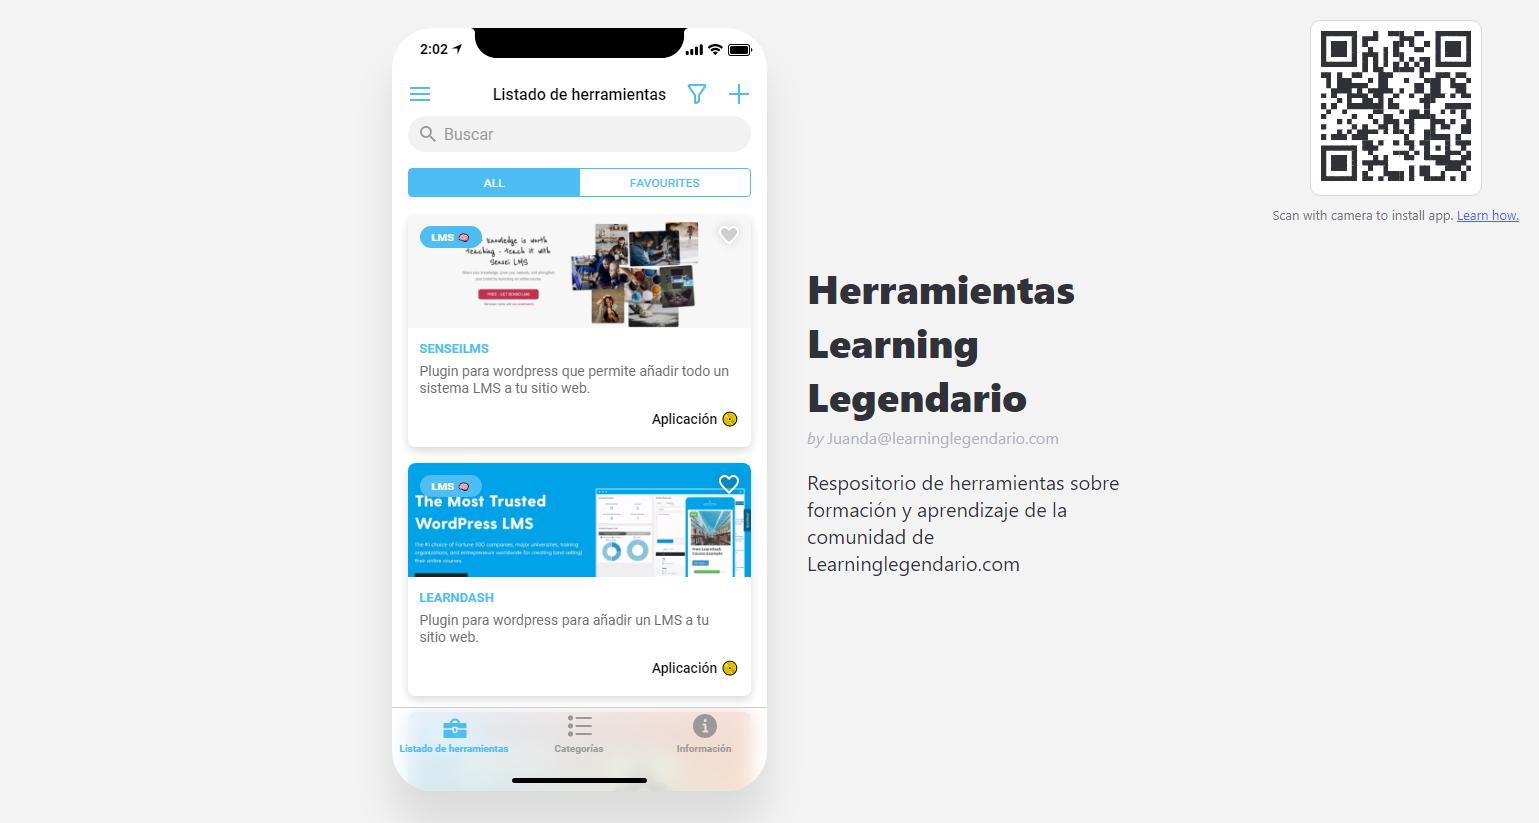 aplicación herramientas learning legendario